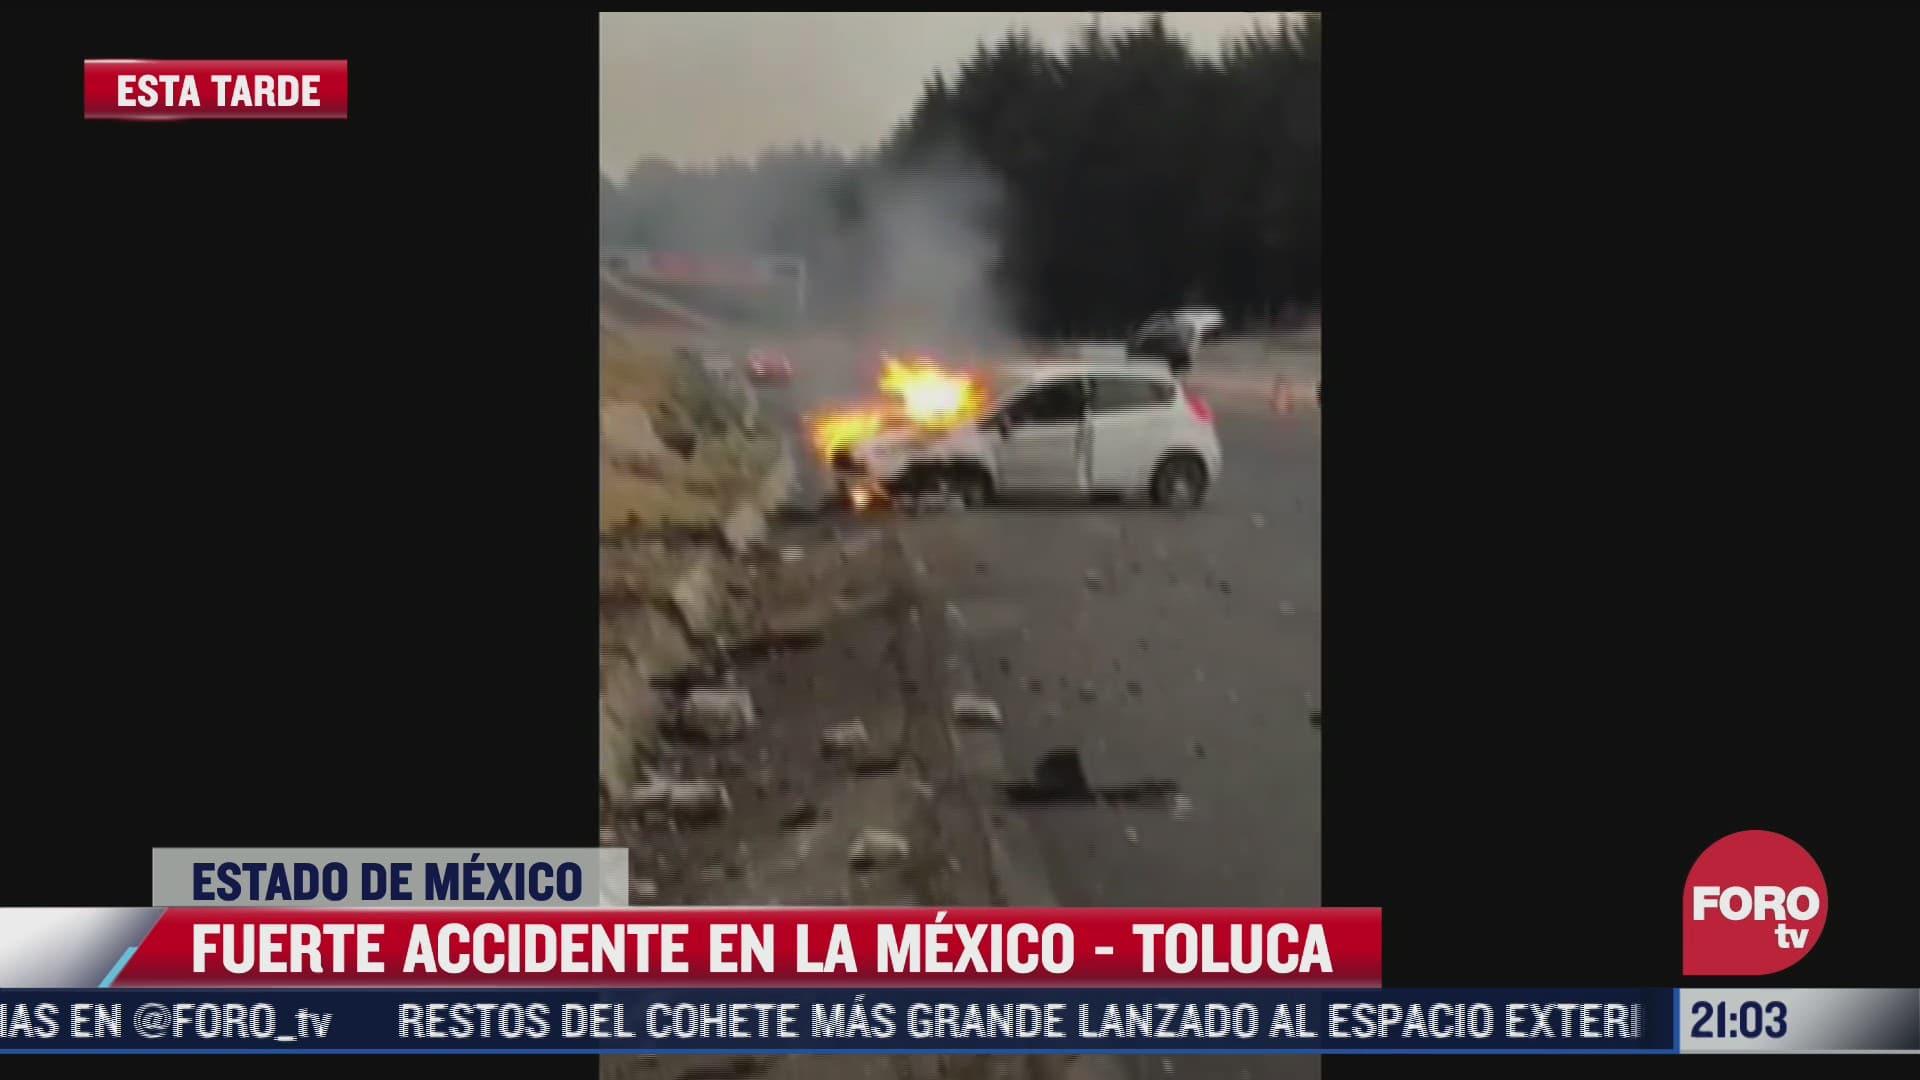 fuerte accidente en la mexico toluca